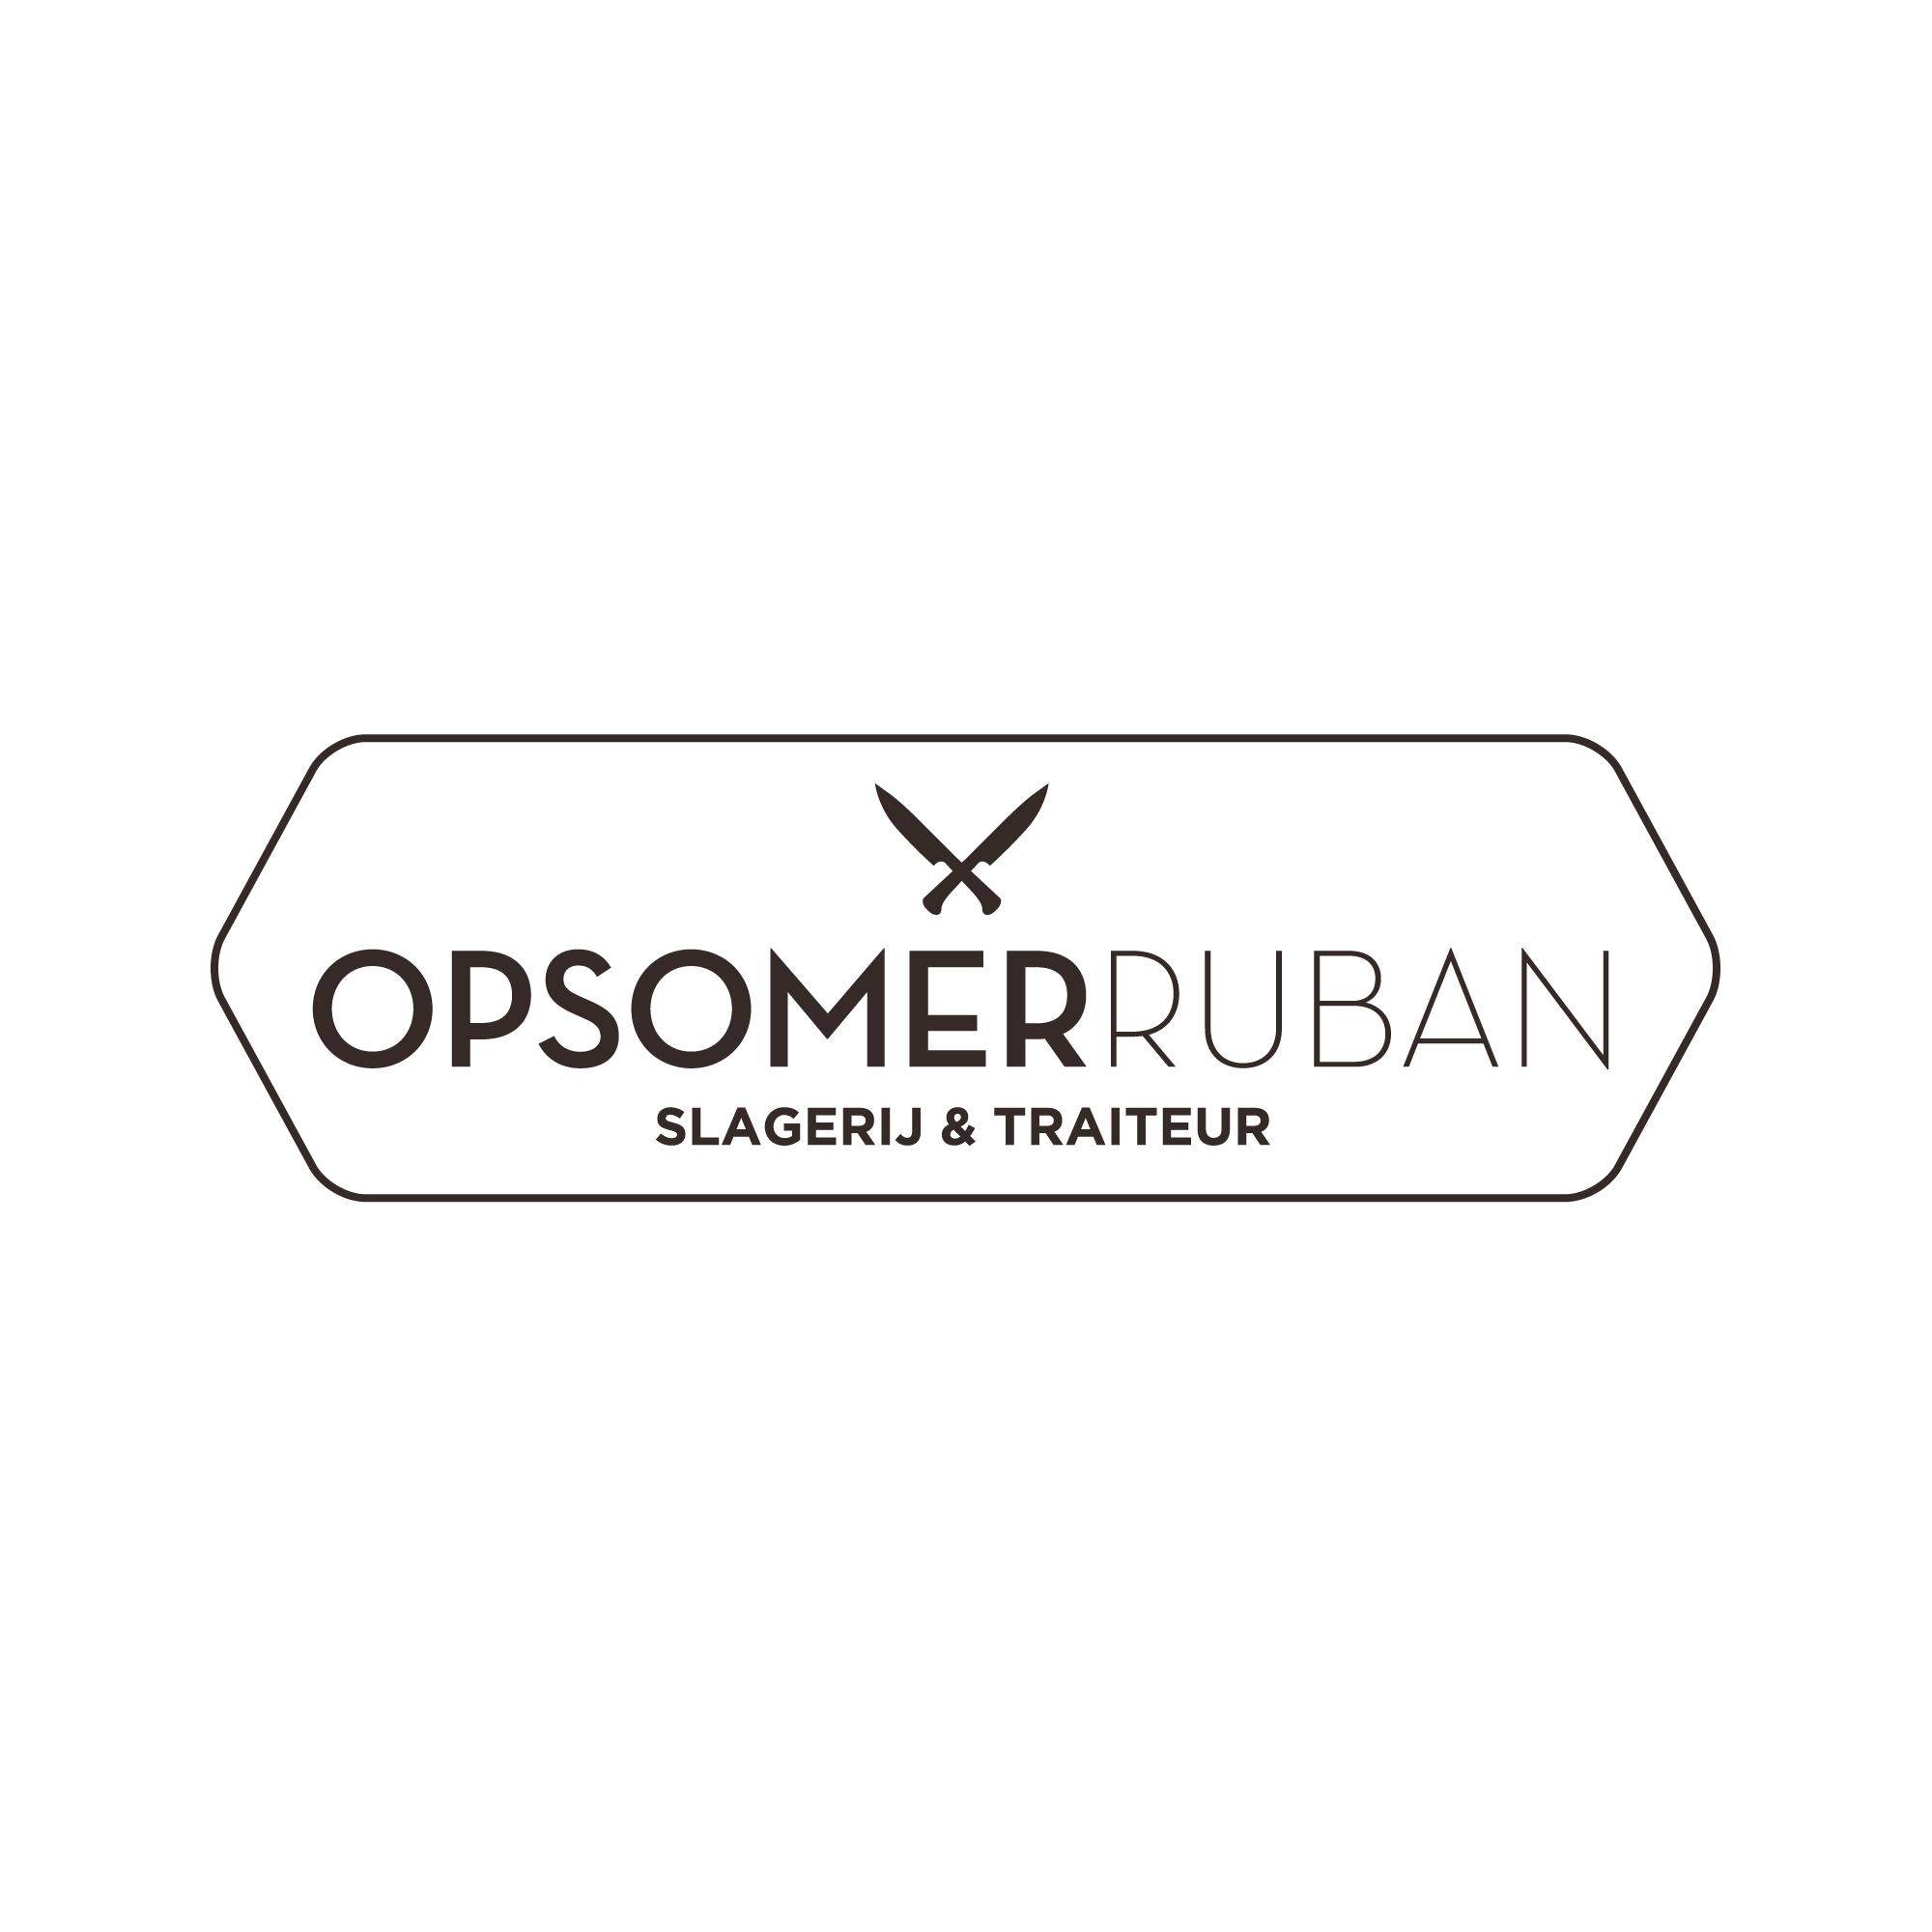 Logo-Opsomerruban